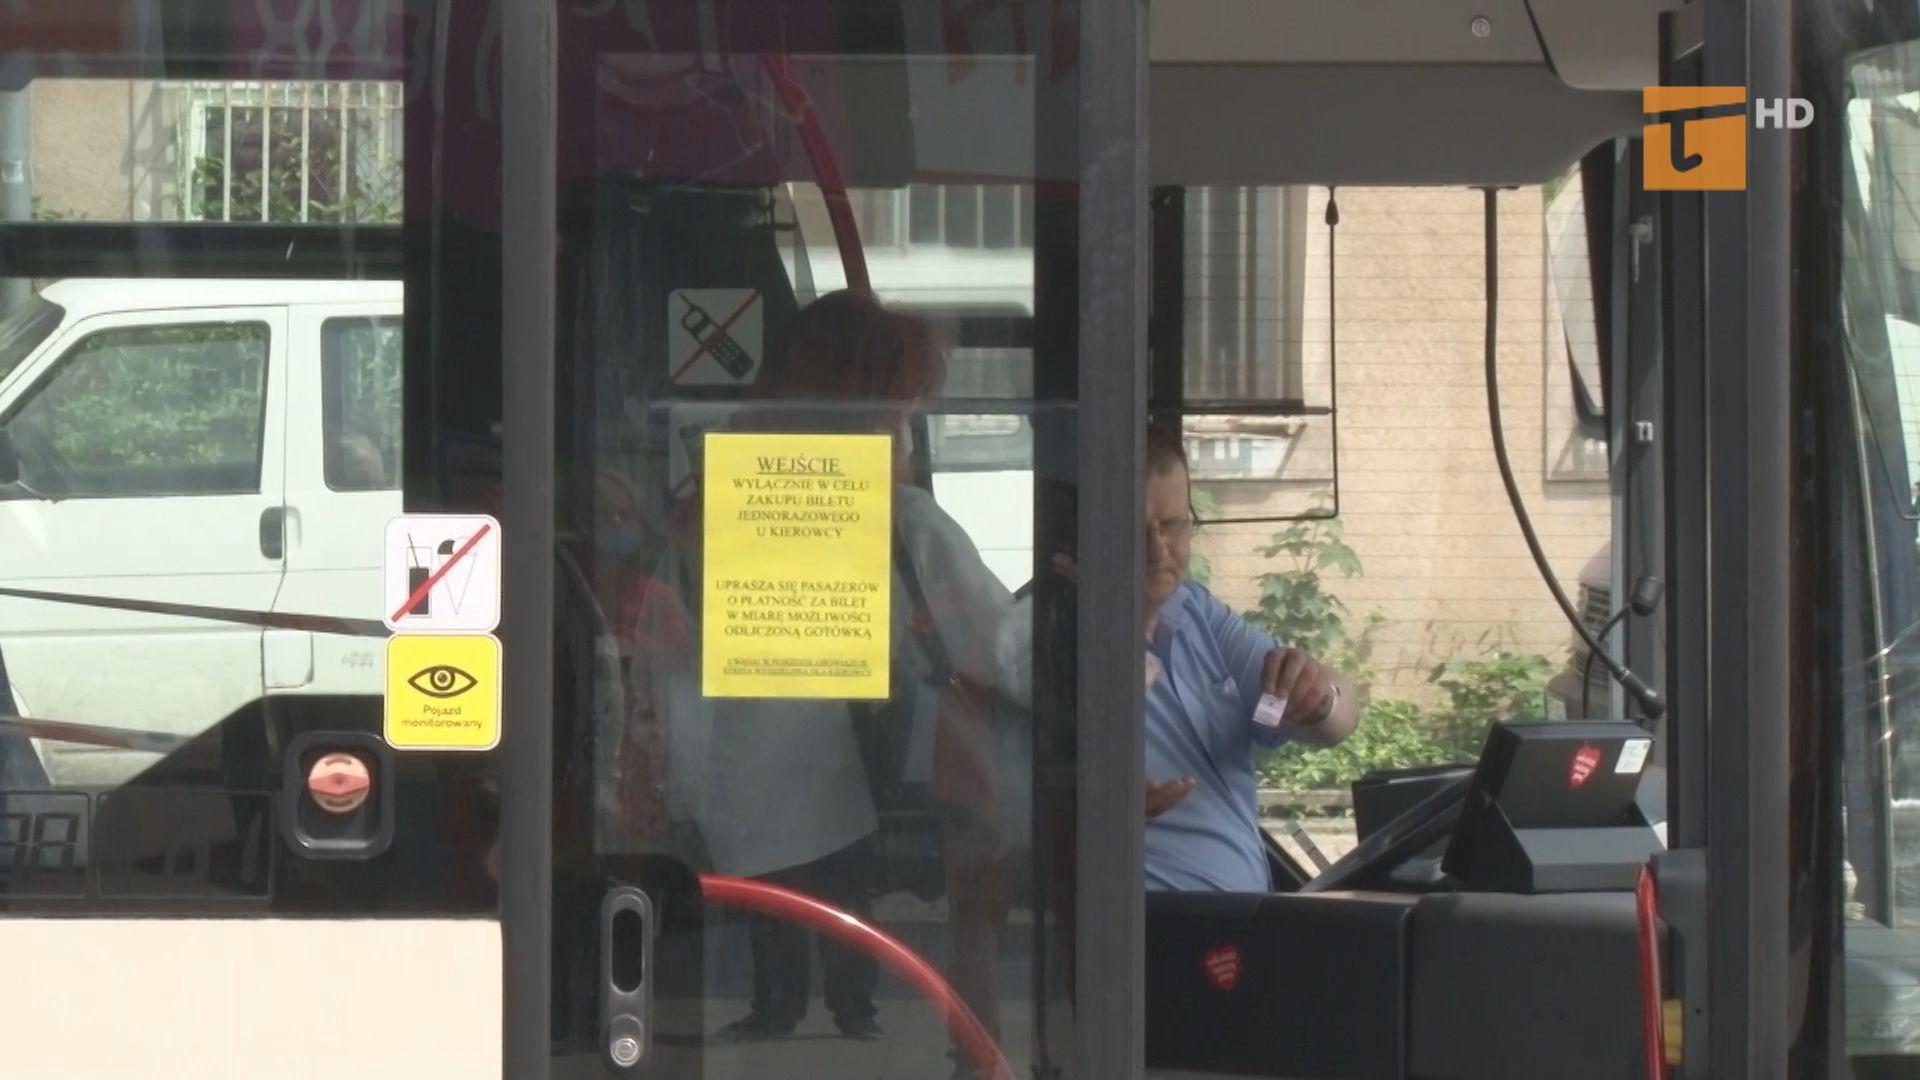 Zakład Usług Komunalnych w Tczewie oraz Spółka Gryf wznowili zakup biletów jednoprzejazdowych u kierowcy autobusu